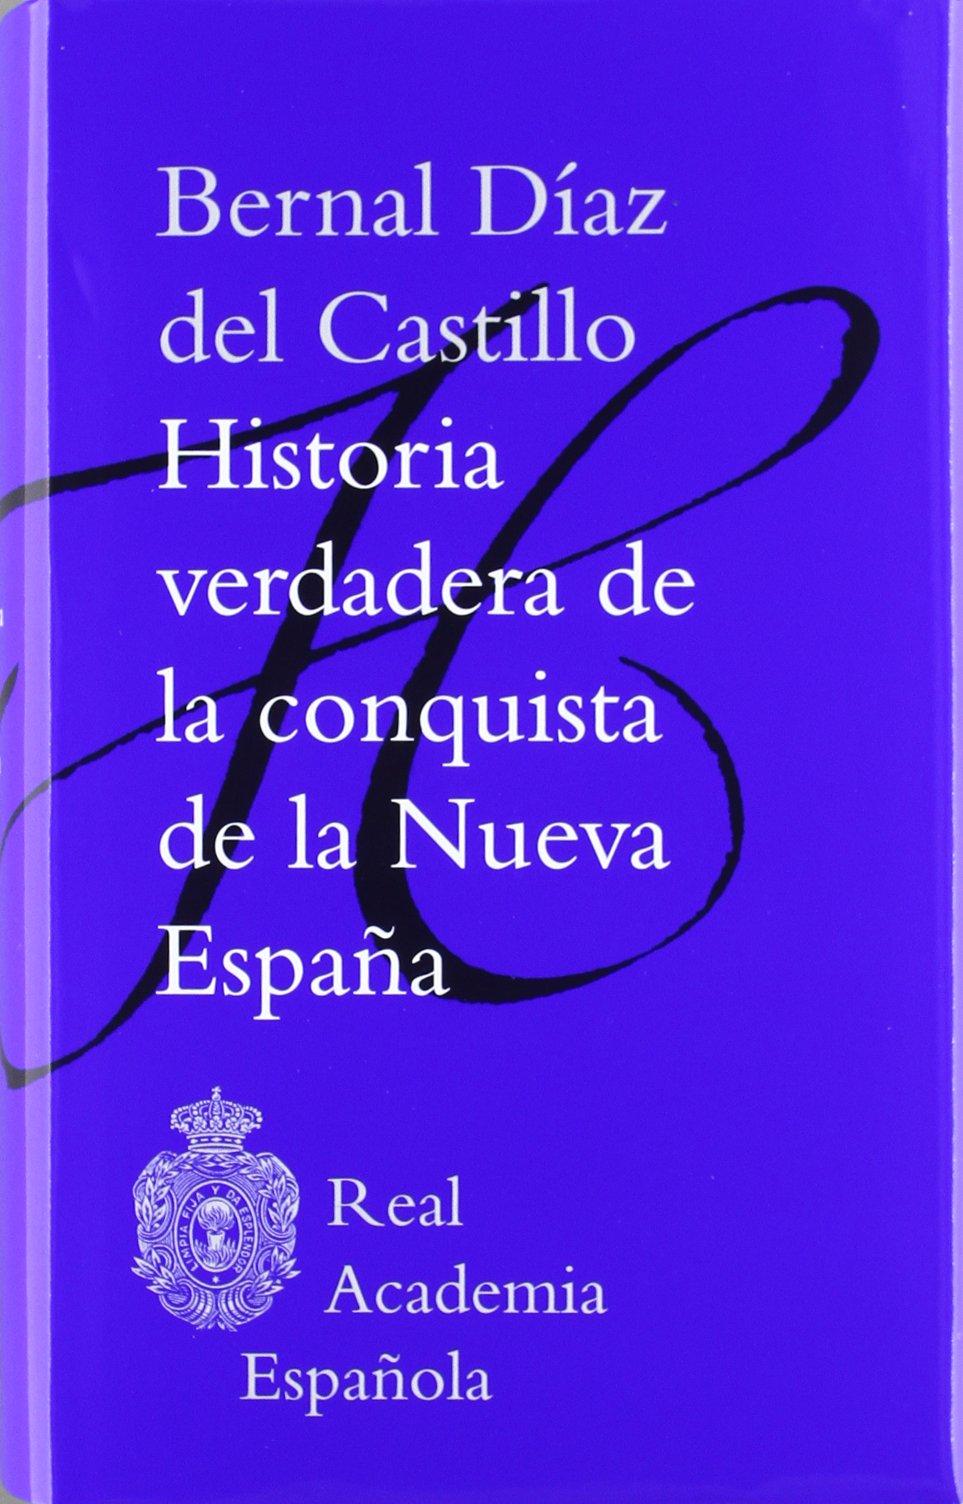 Historia verdadera de la conquista de la Nueva España Clásicos: Amazon.es: Díaz del Castillo, Bernal: Libros